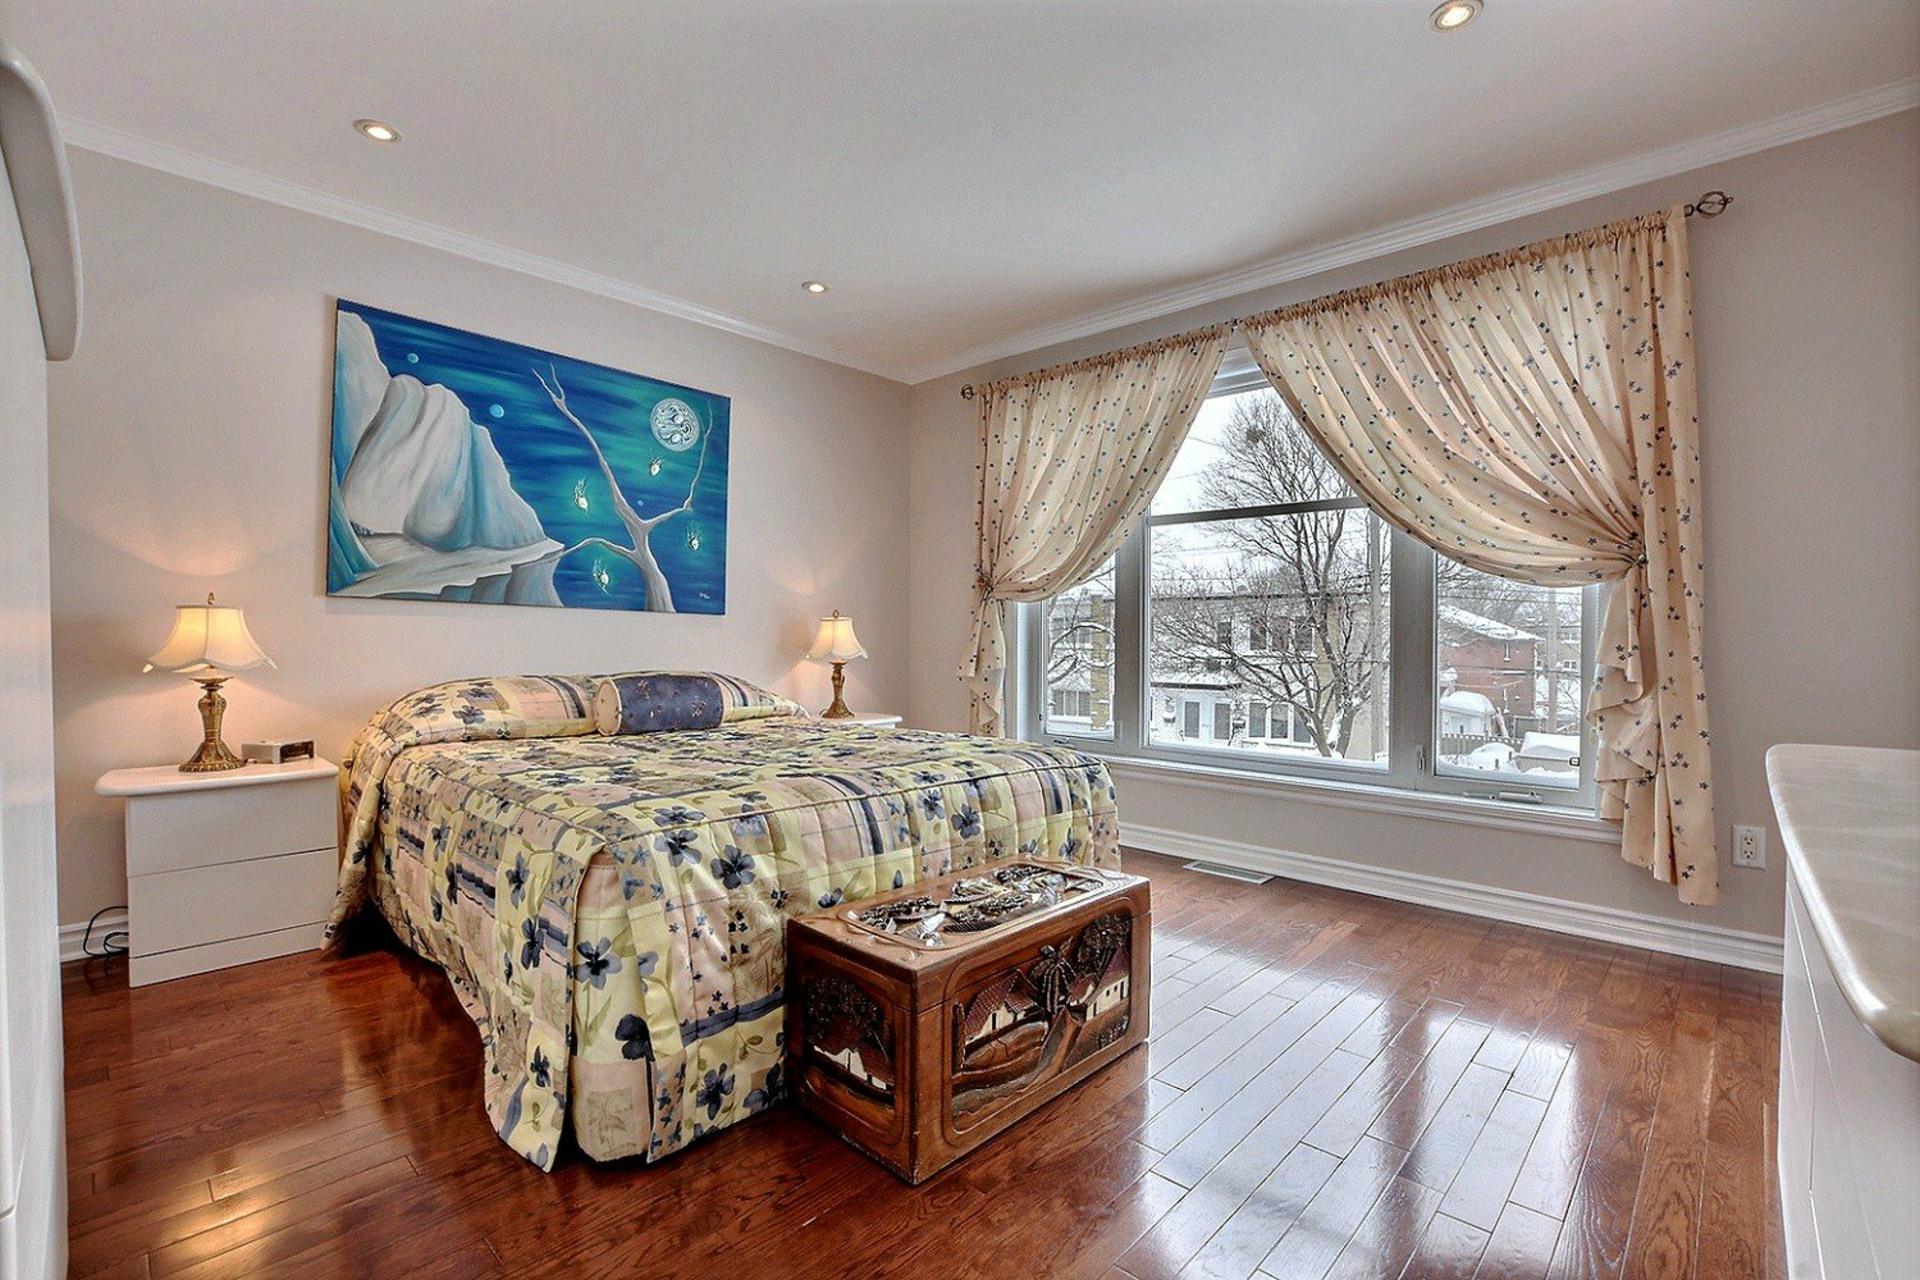 image 9 - Triplex À vendre Montréal Anjou  - 4 pièces